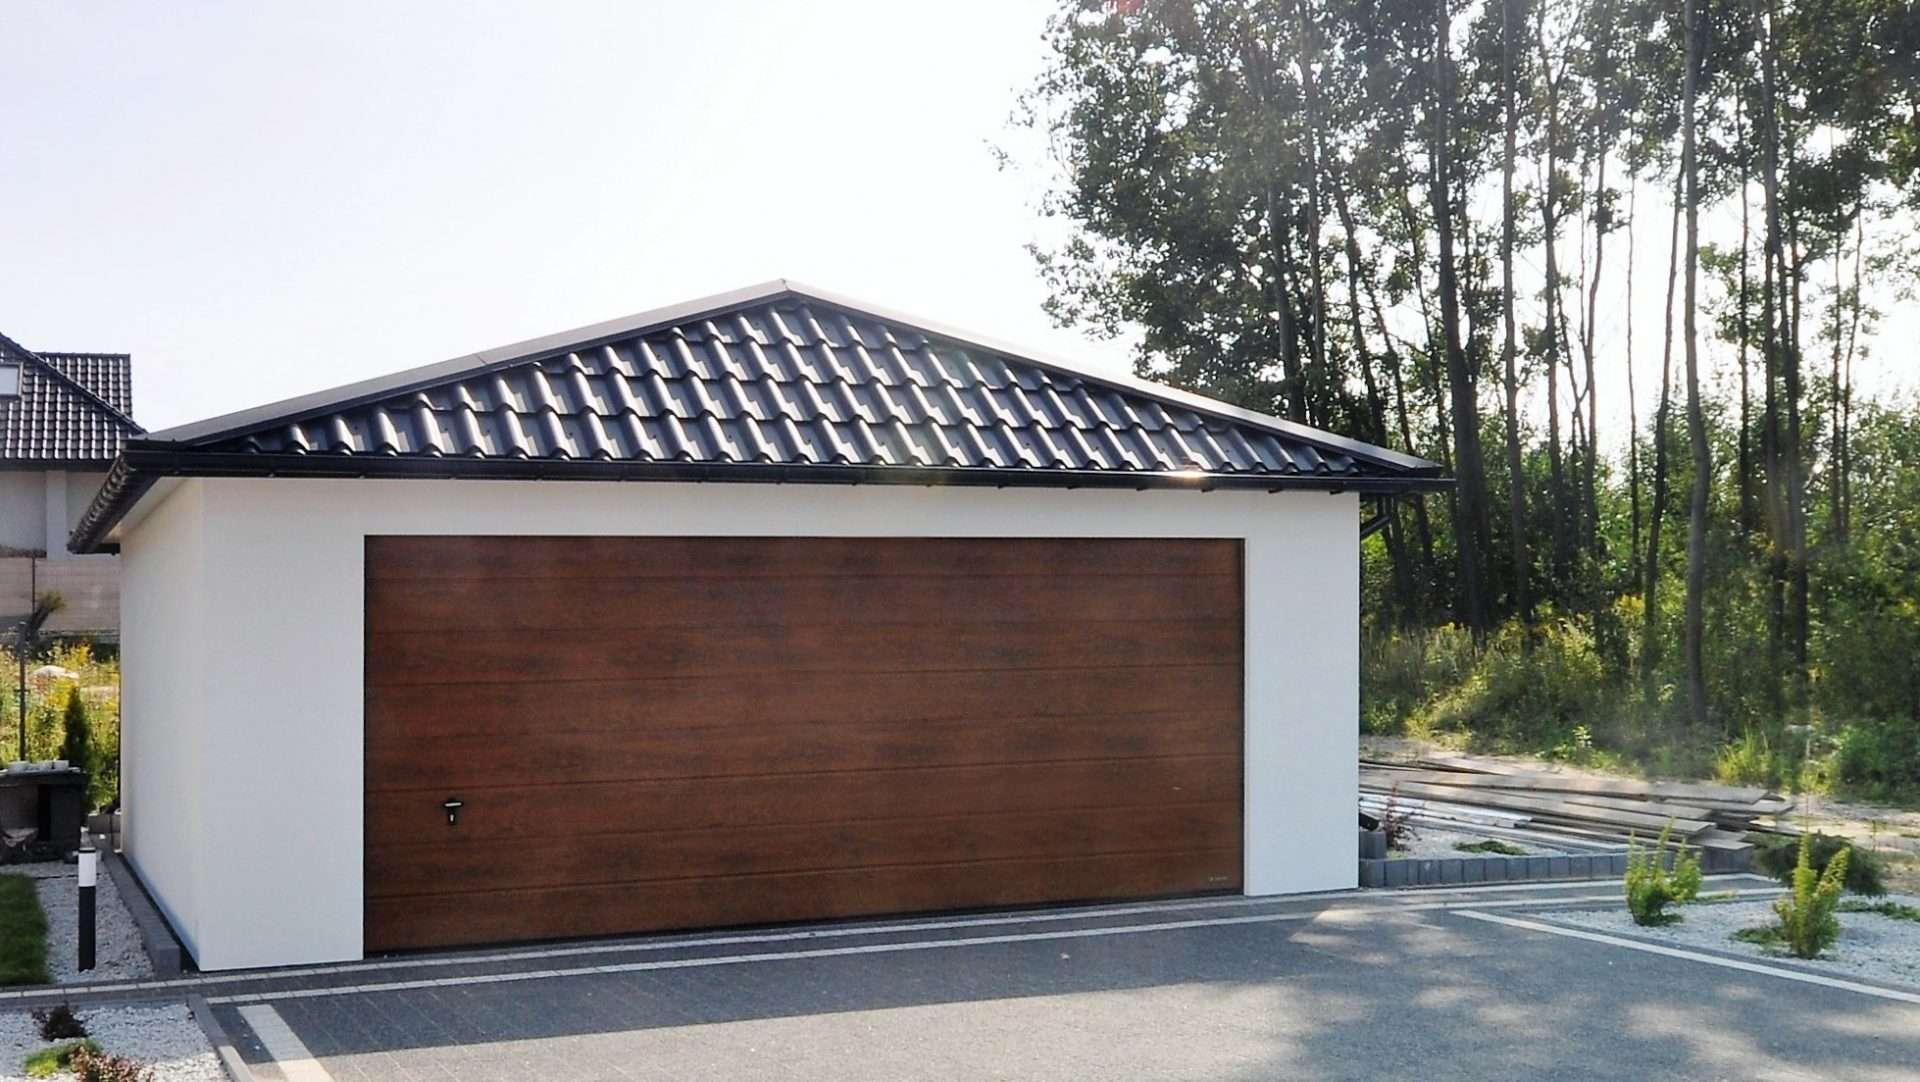 Garaż ocieplany Quatro-Classic - dach czterospadowy, 6,0 x 5,7 m